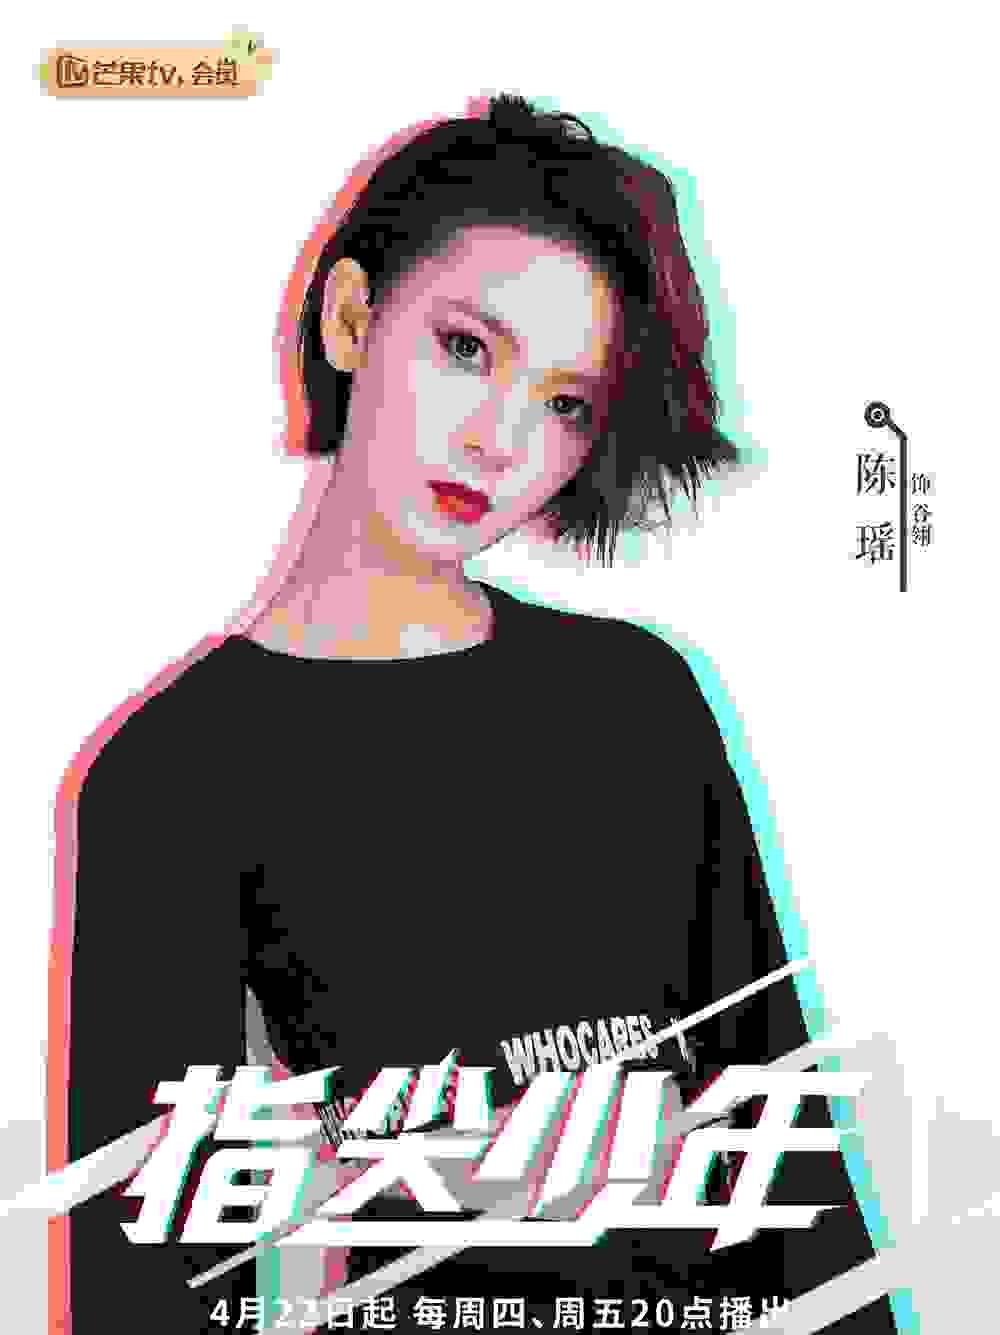 指尖少年演员陈瑶